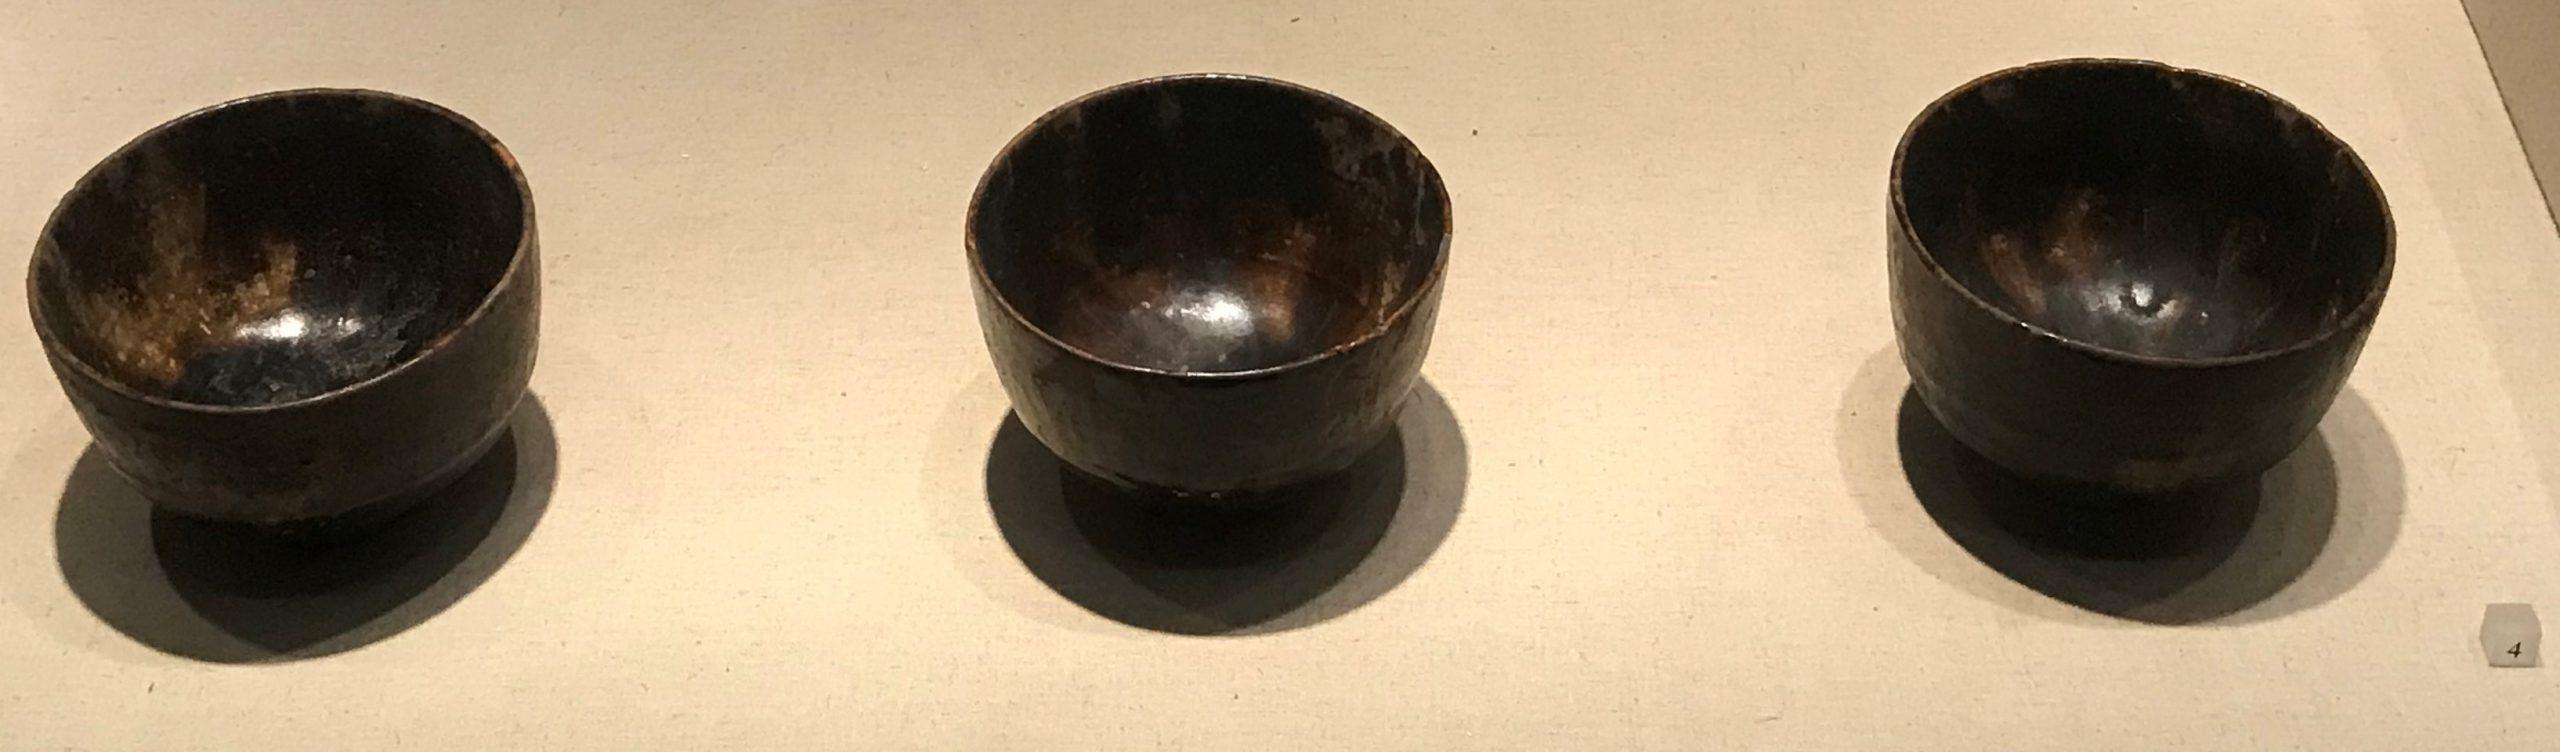 醬釉磁銚子-帯流銅壺-玳瑁紋磁碗-黒釉磁盞-隋唐五代宋元時代-常設展F3-成都博物館